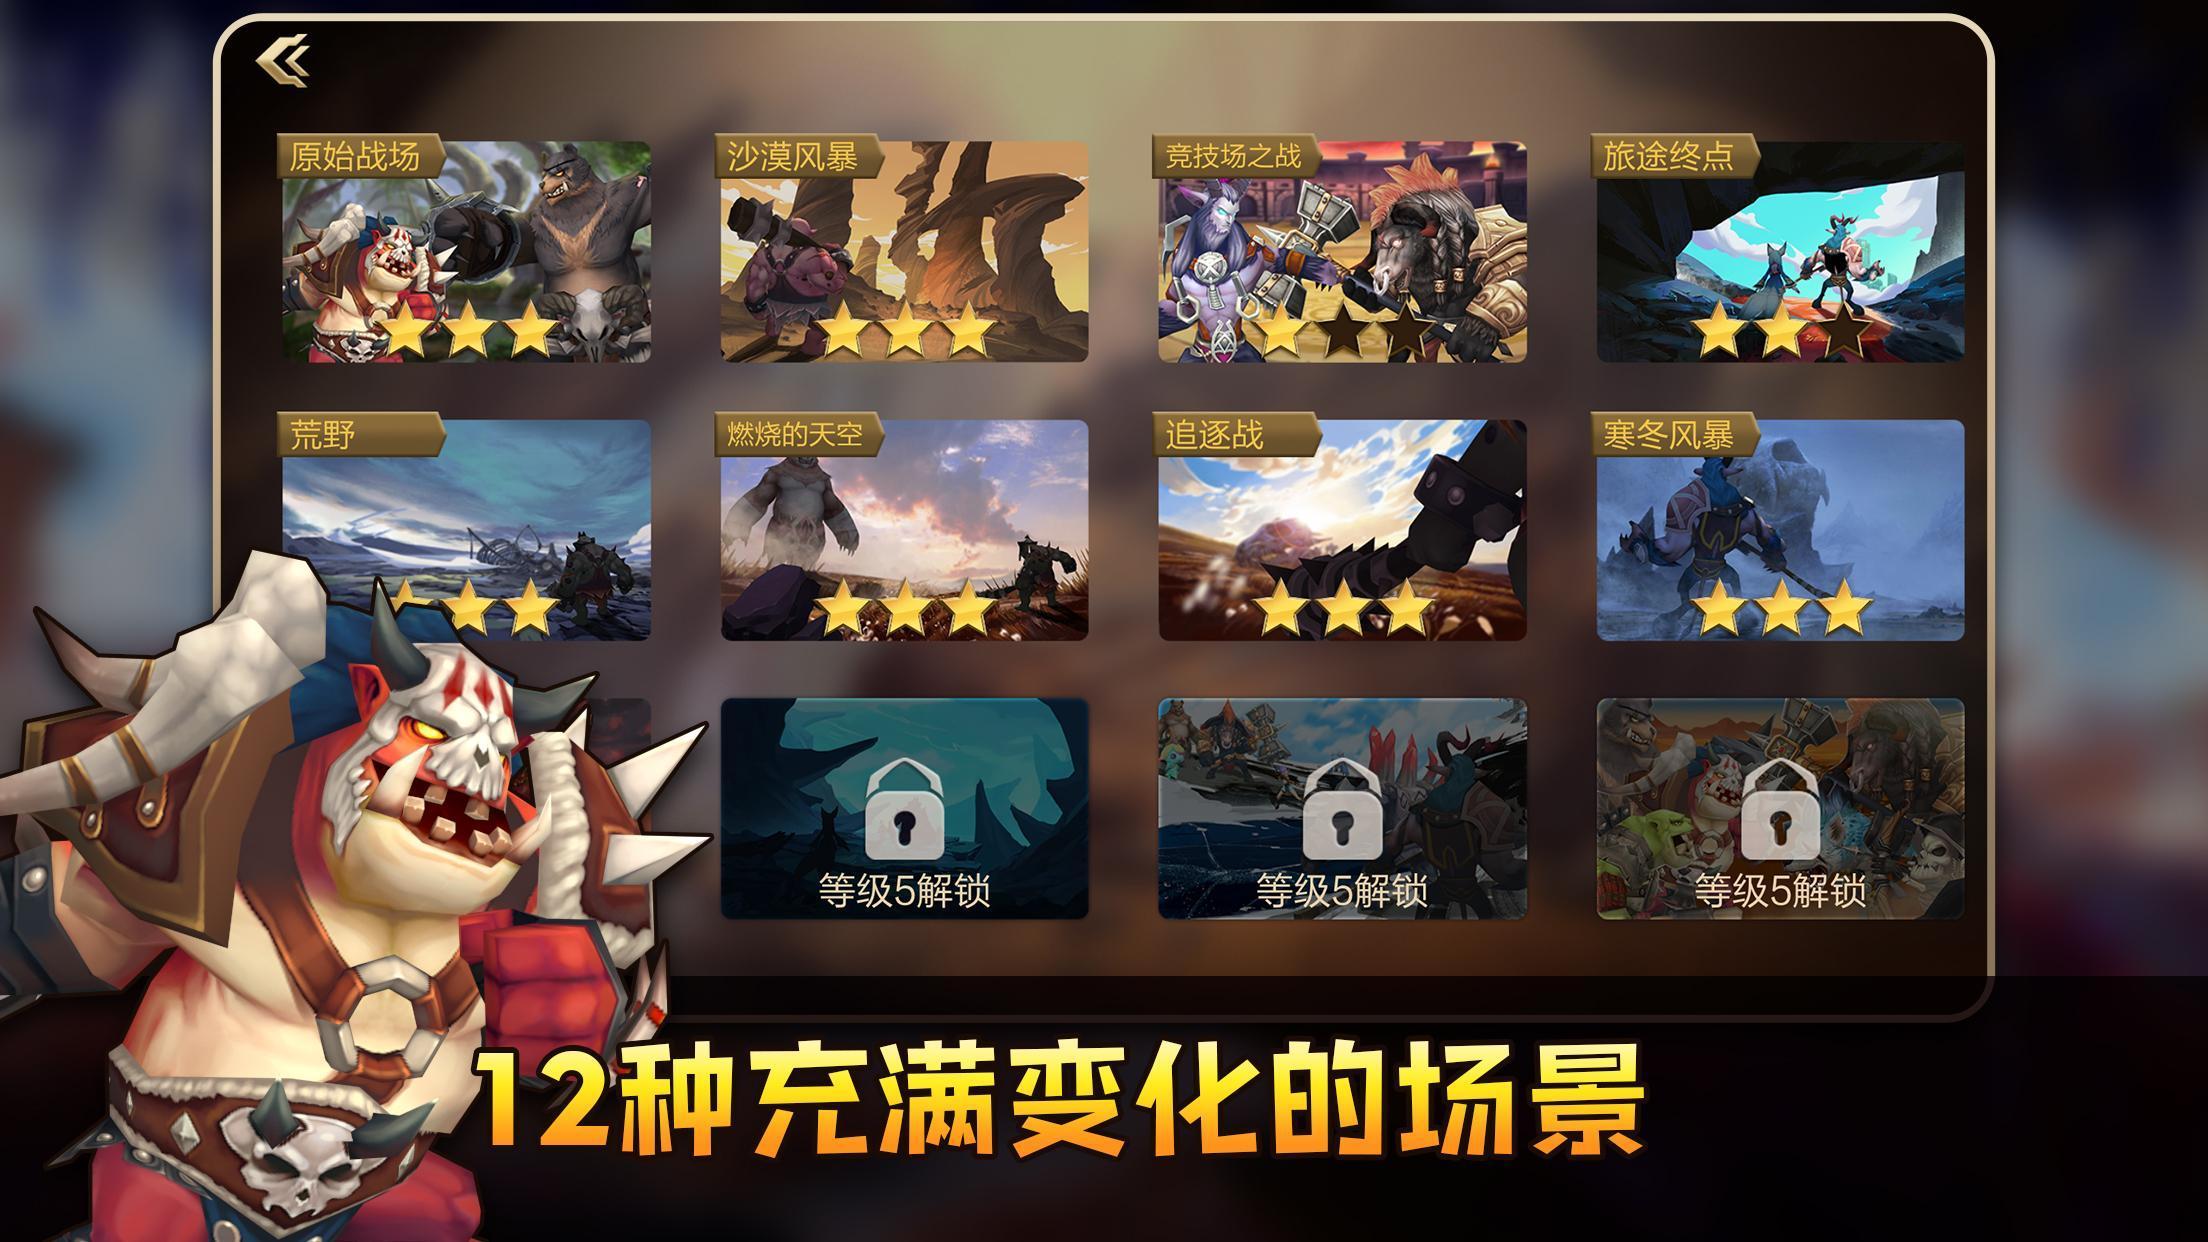 【9.12更新1.44】自走棋_战棋争霸-www.im86.com